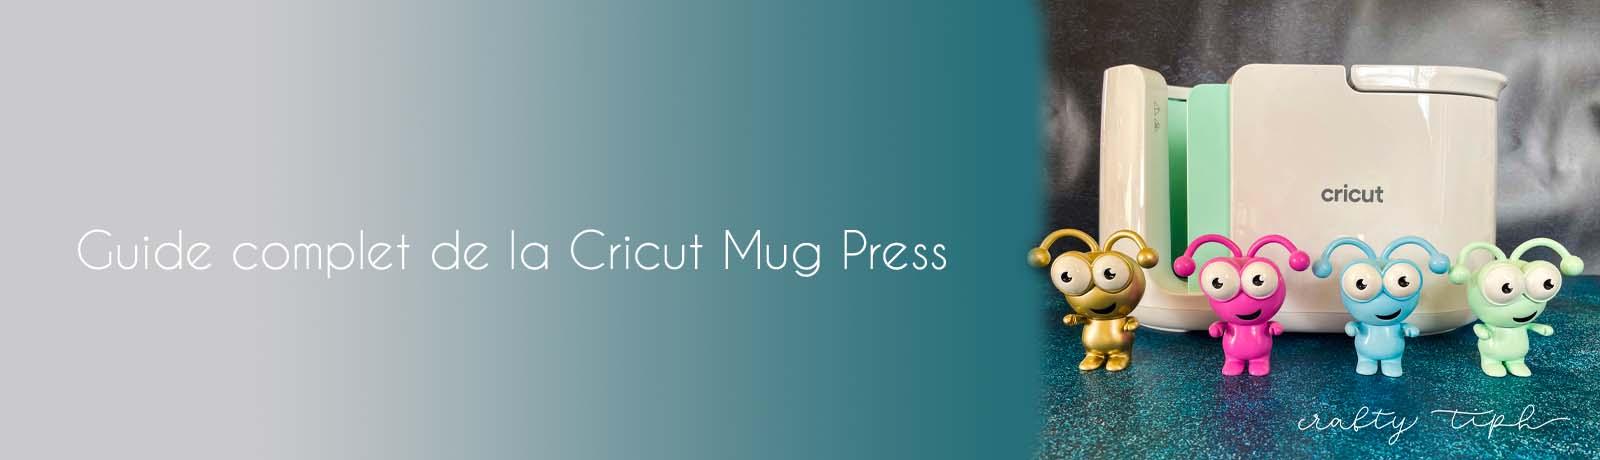 Le guide complet sur la Cricut Mug Press